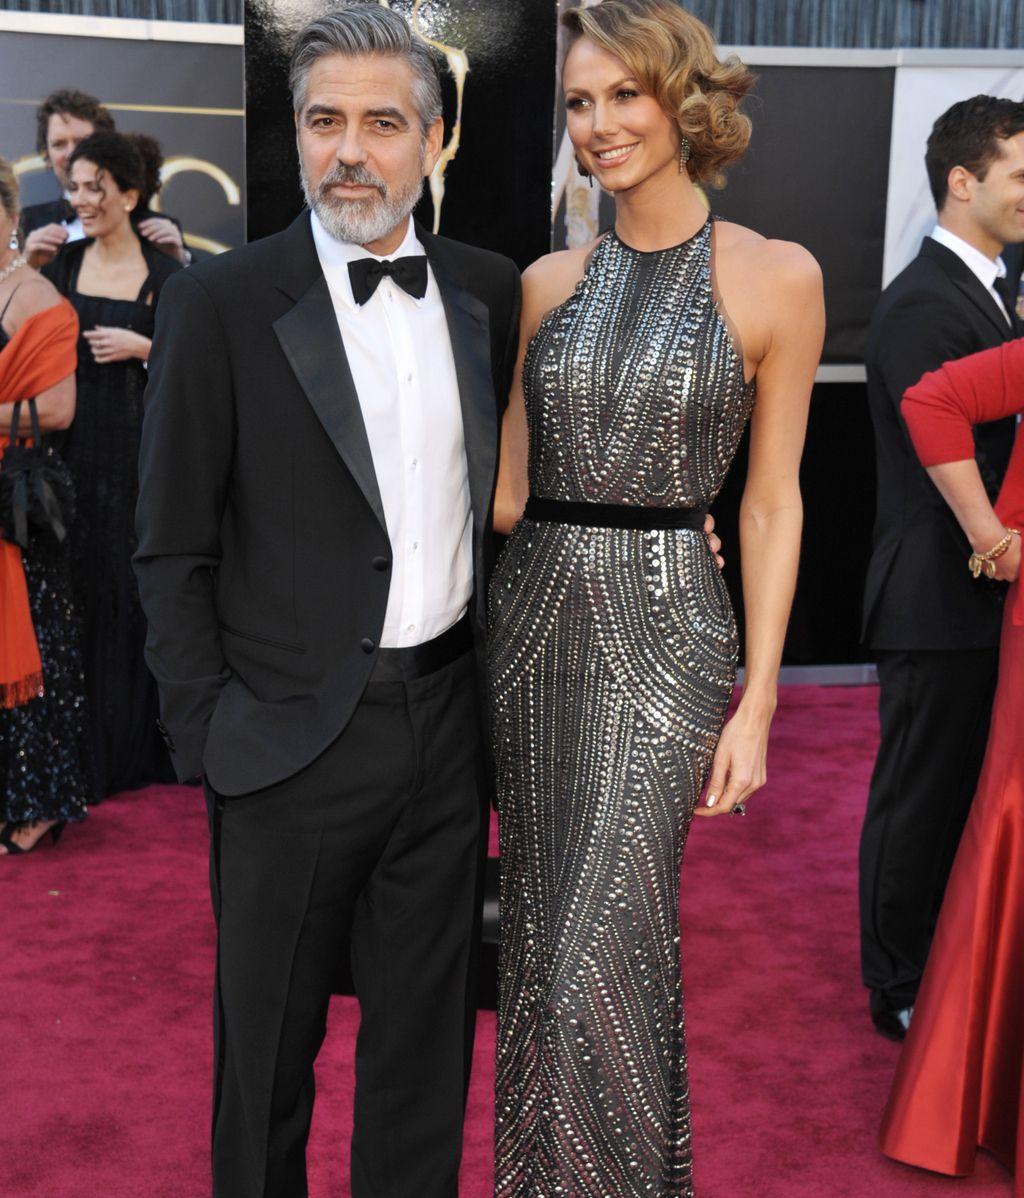 George Clooney, acompañado por su novia